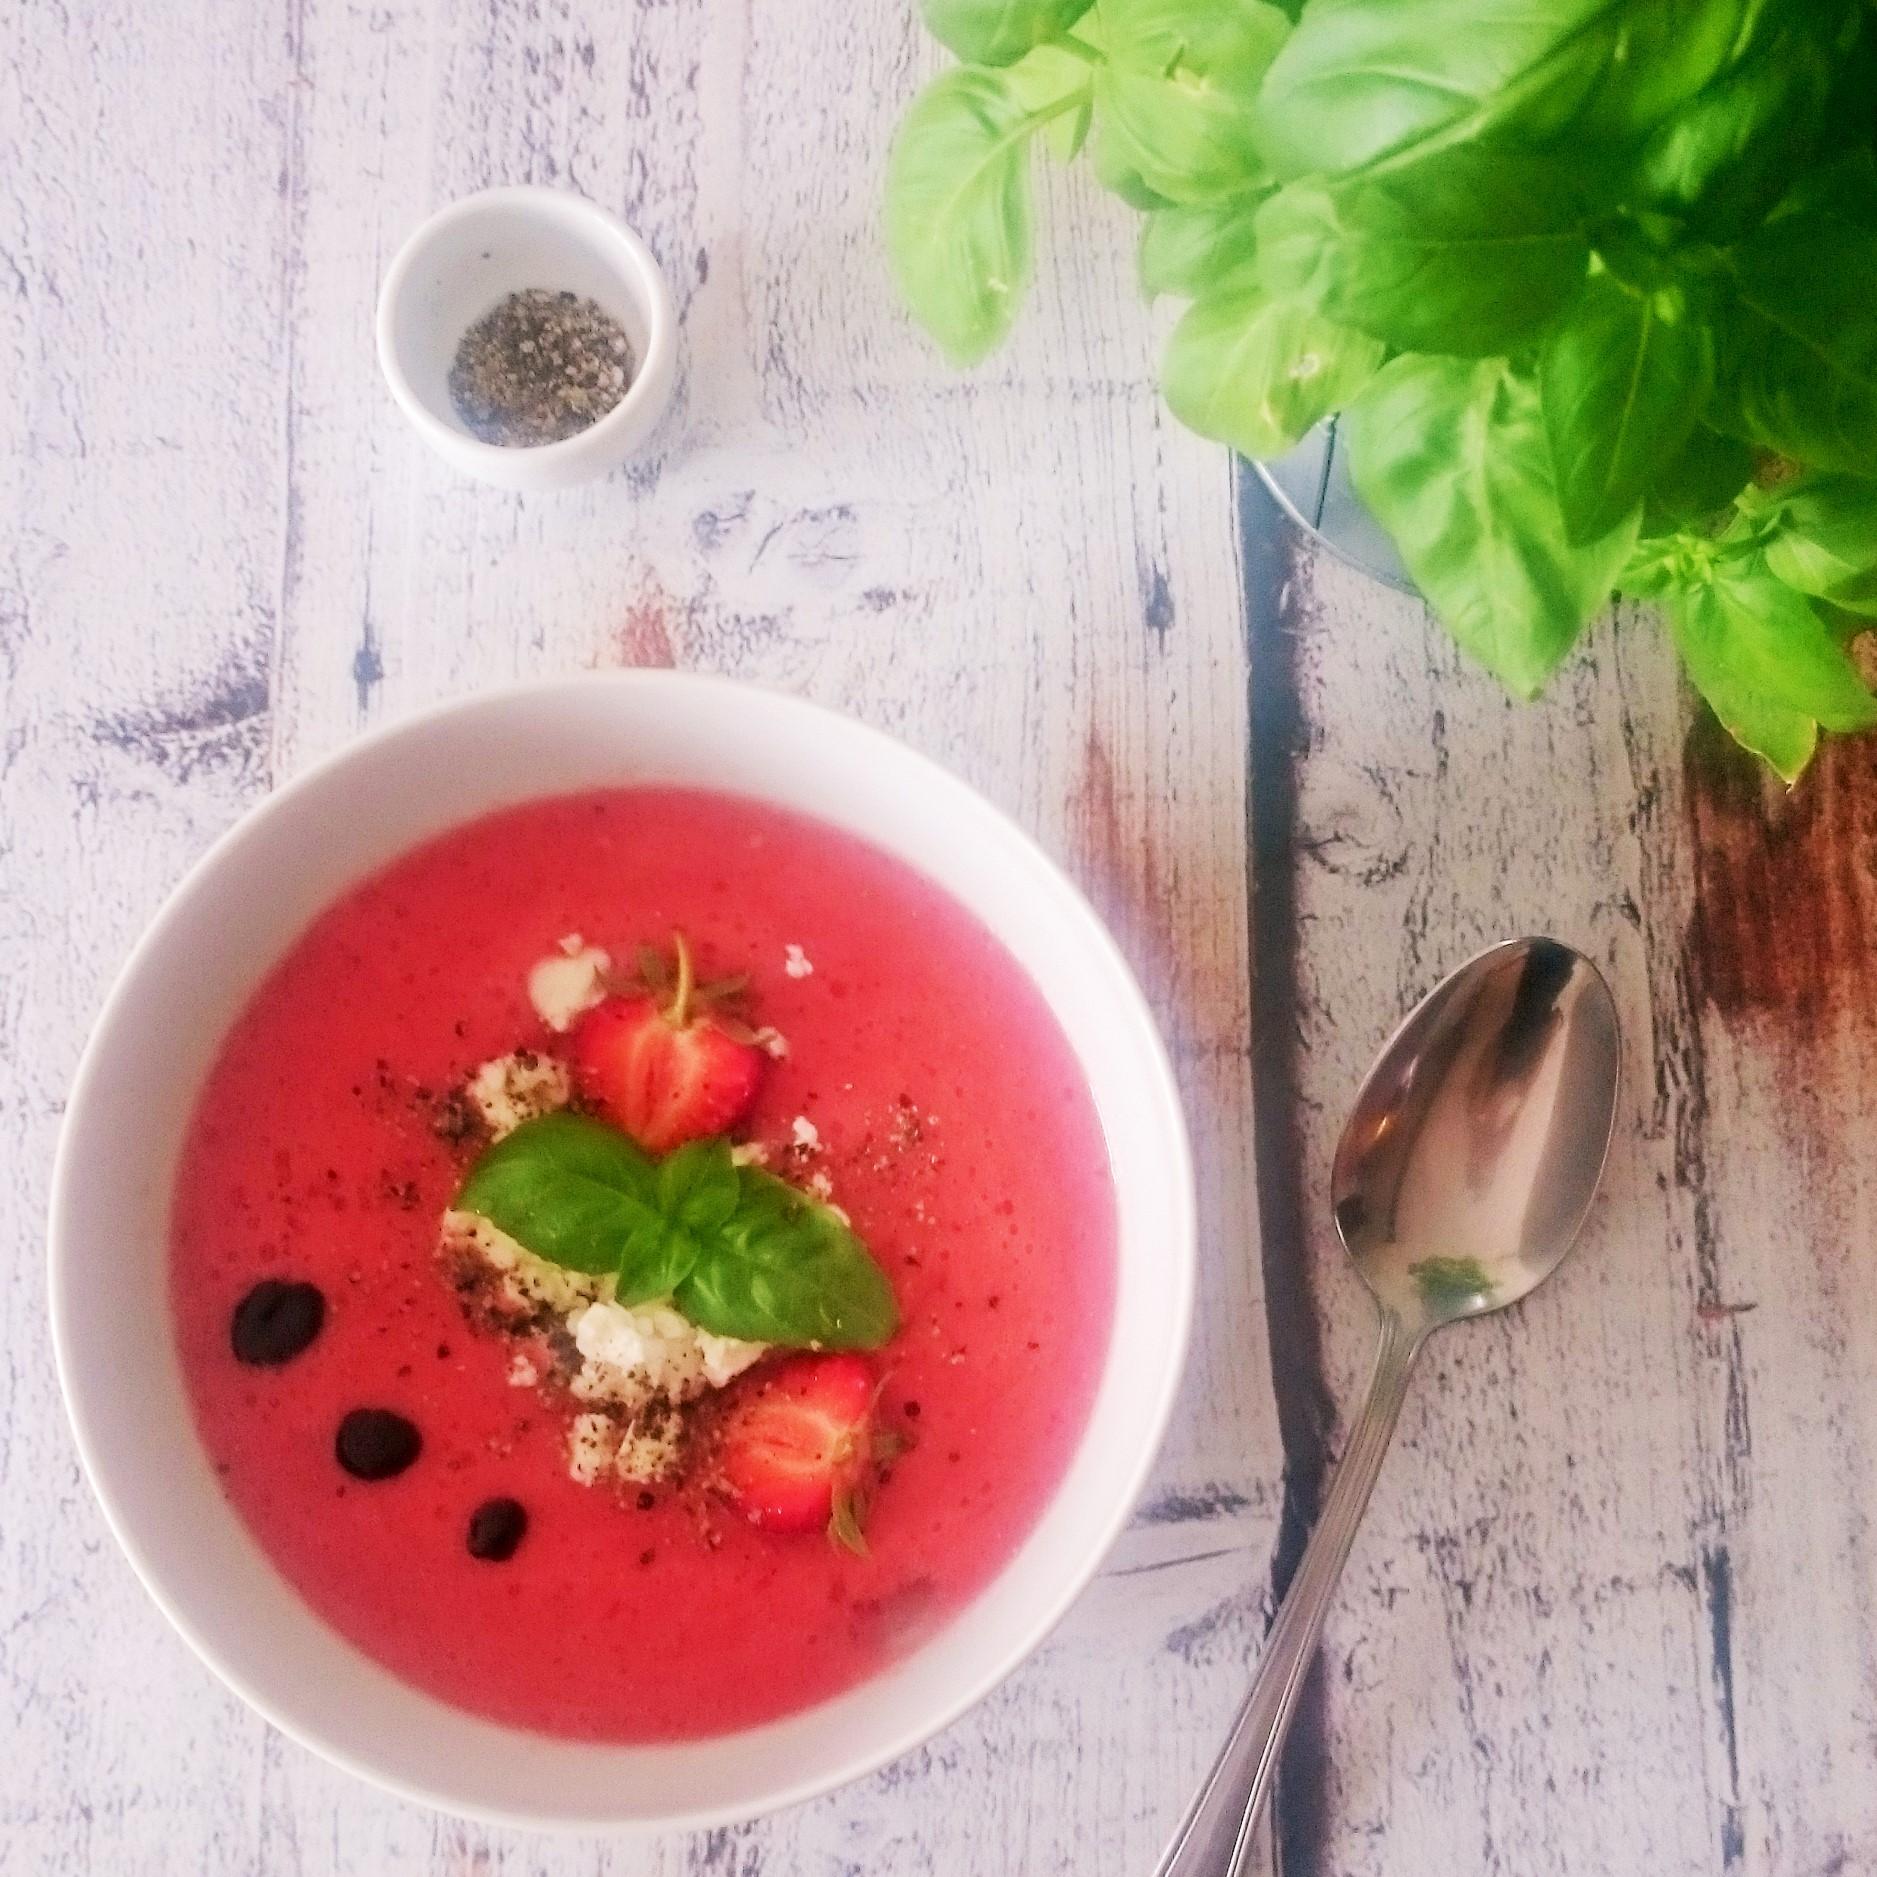 chłodnik pomidorowo-truskawkowy z octem balsamicznym i fetą